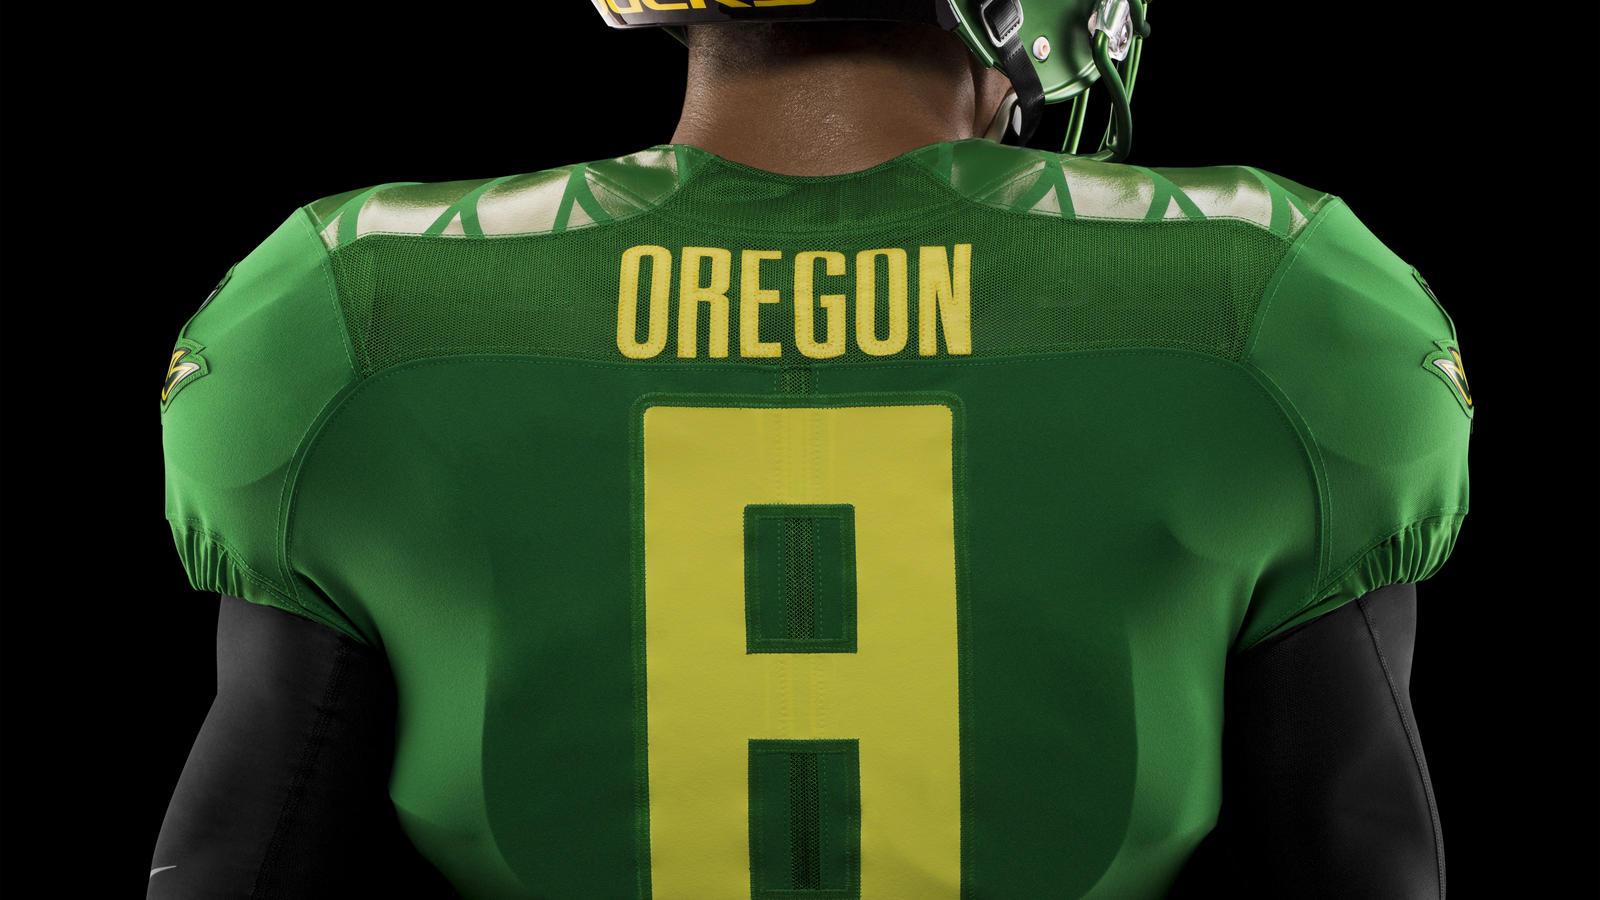 HO14_NFB_NCAA_Oregon_Details_576_PR